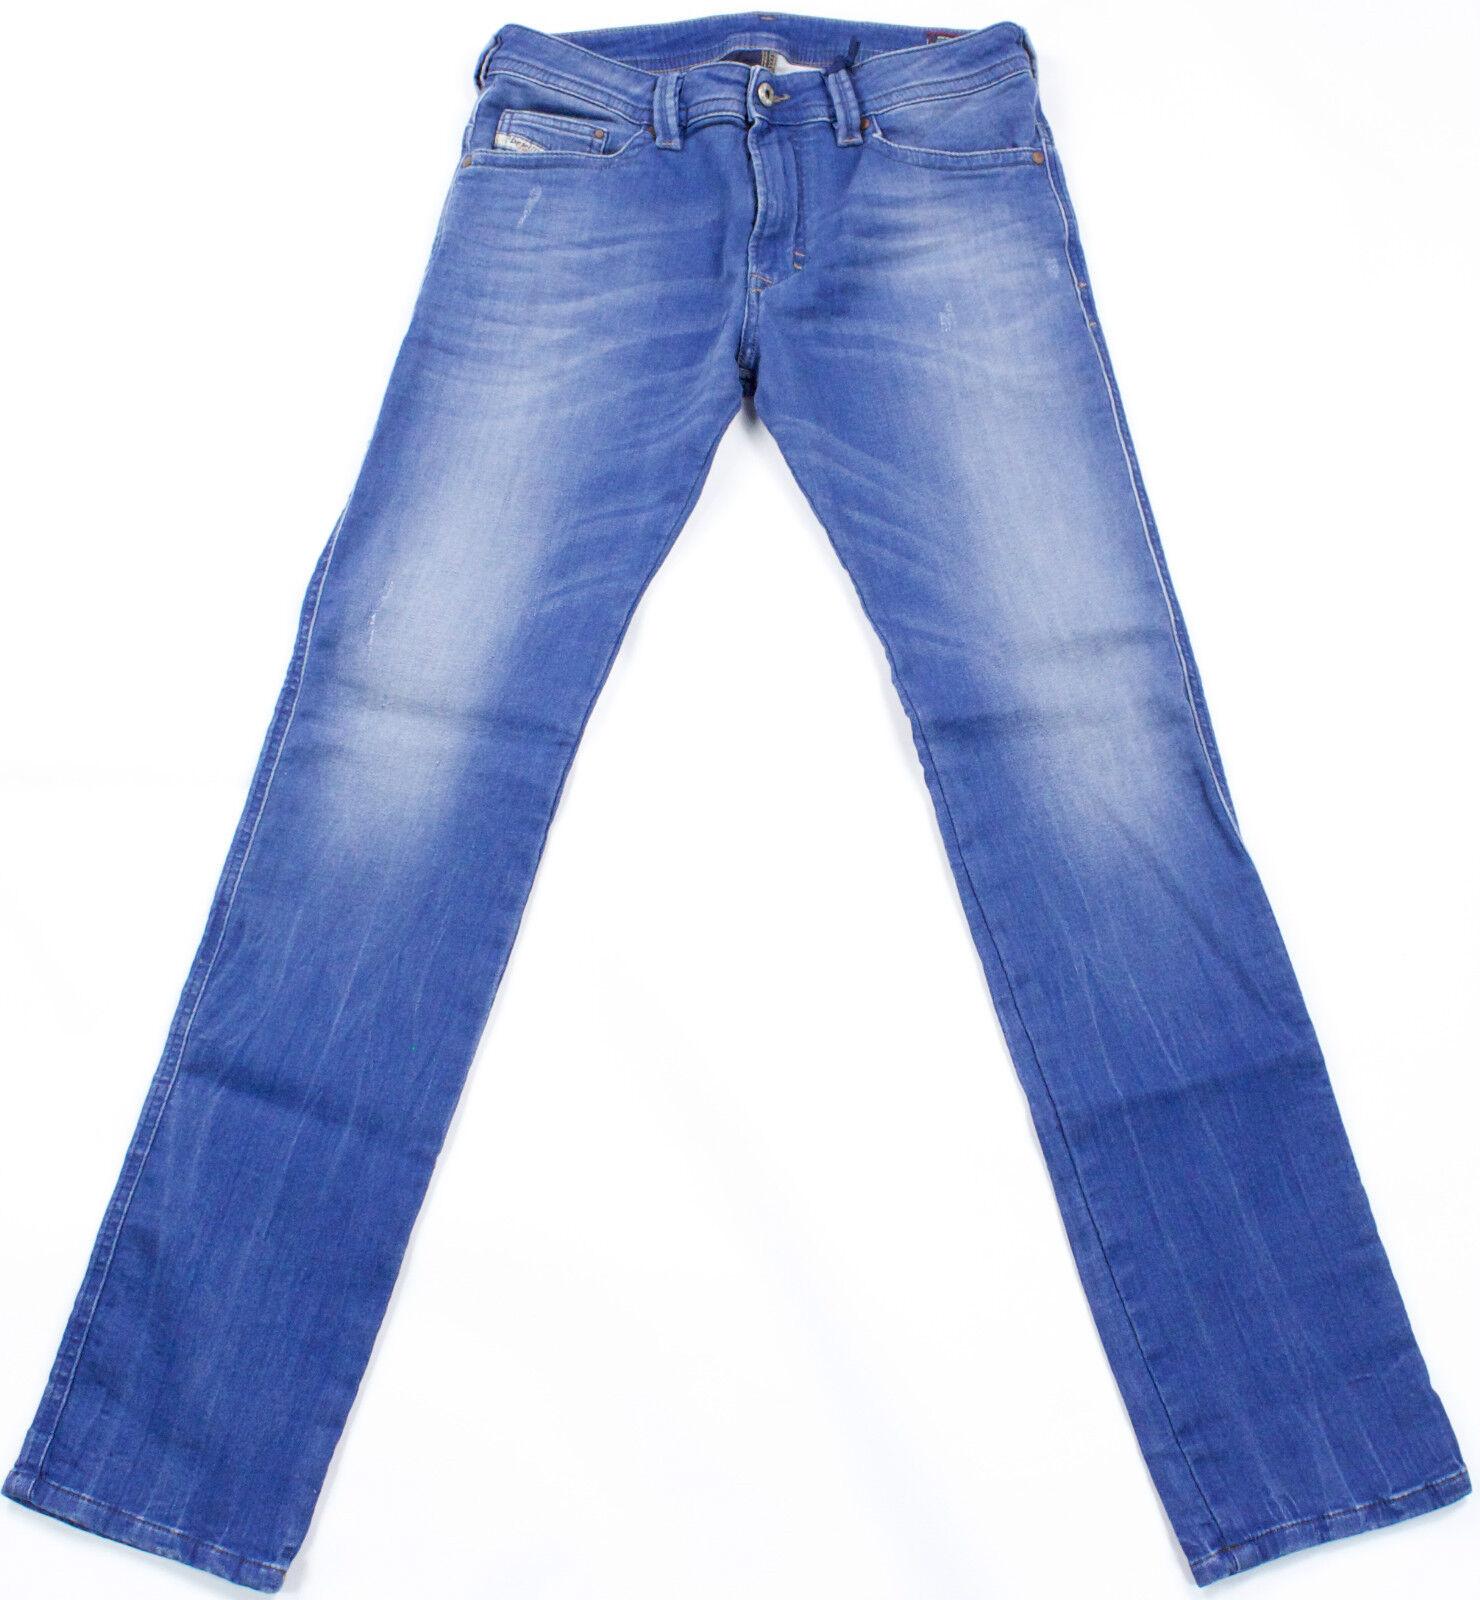 DIESEL Nuovo di Zecca THAVAR-NE 0837 T Fast Jeans 28X30 100% Autentico SLIM FIT